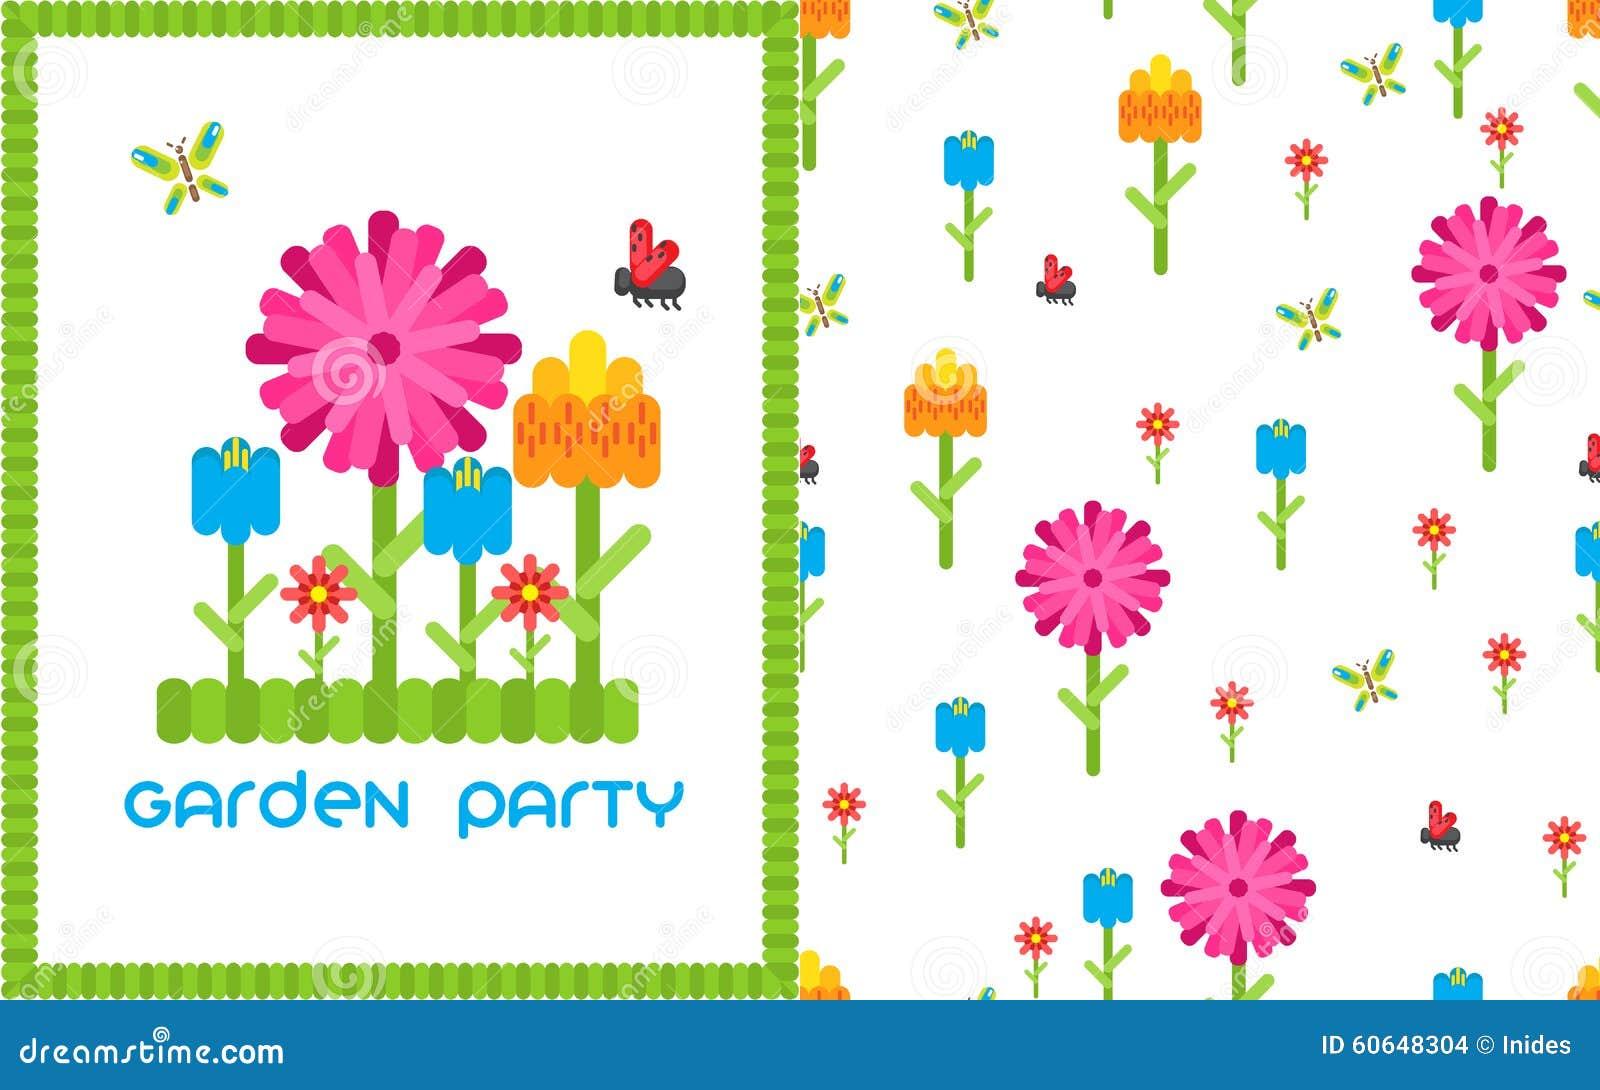 Garden Flower Party Vector Card Template. Stock Vector ...